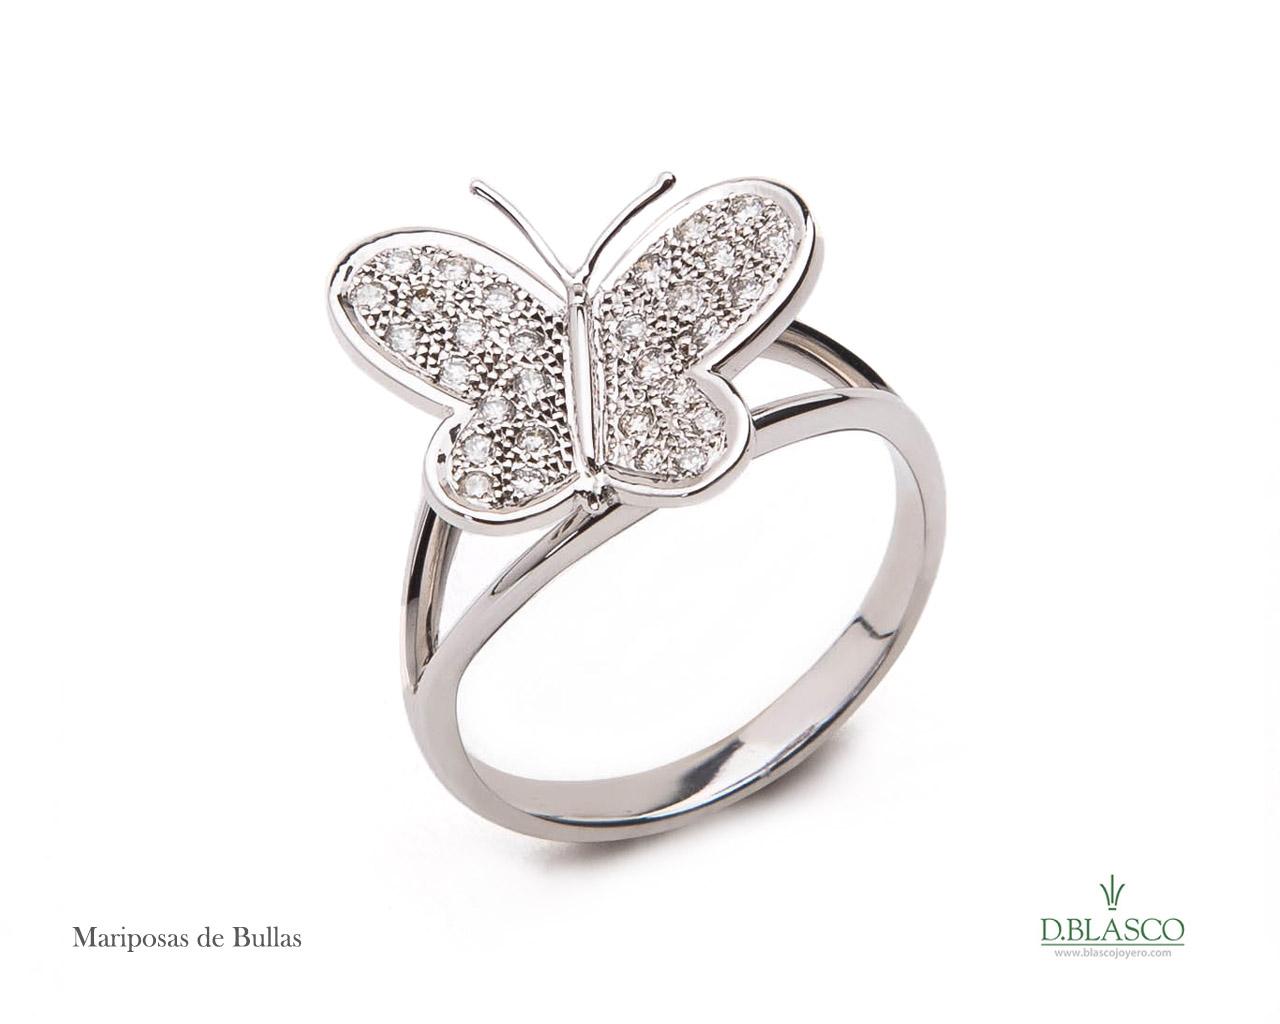 Mariposas de Bullas pendientes